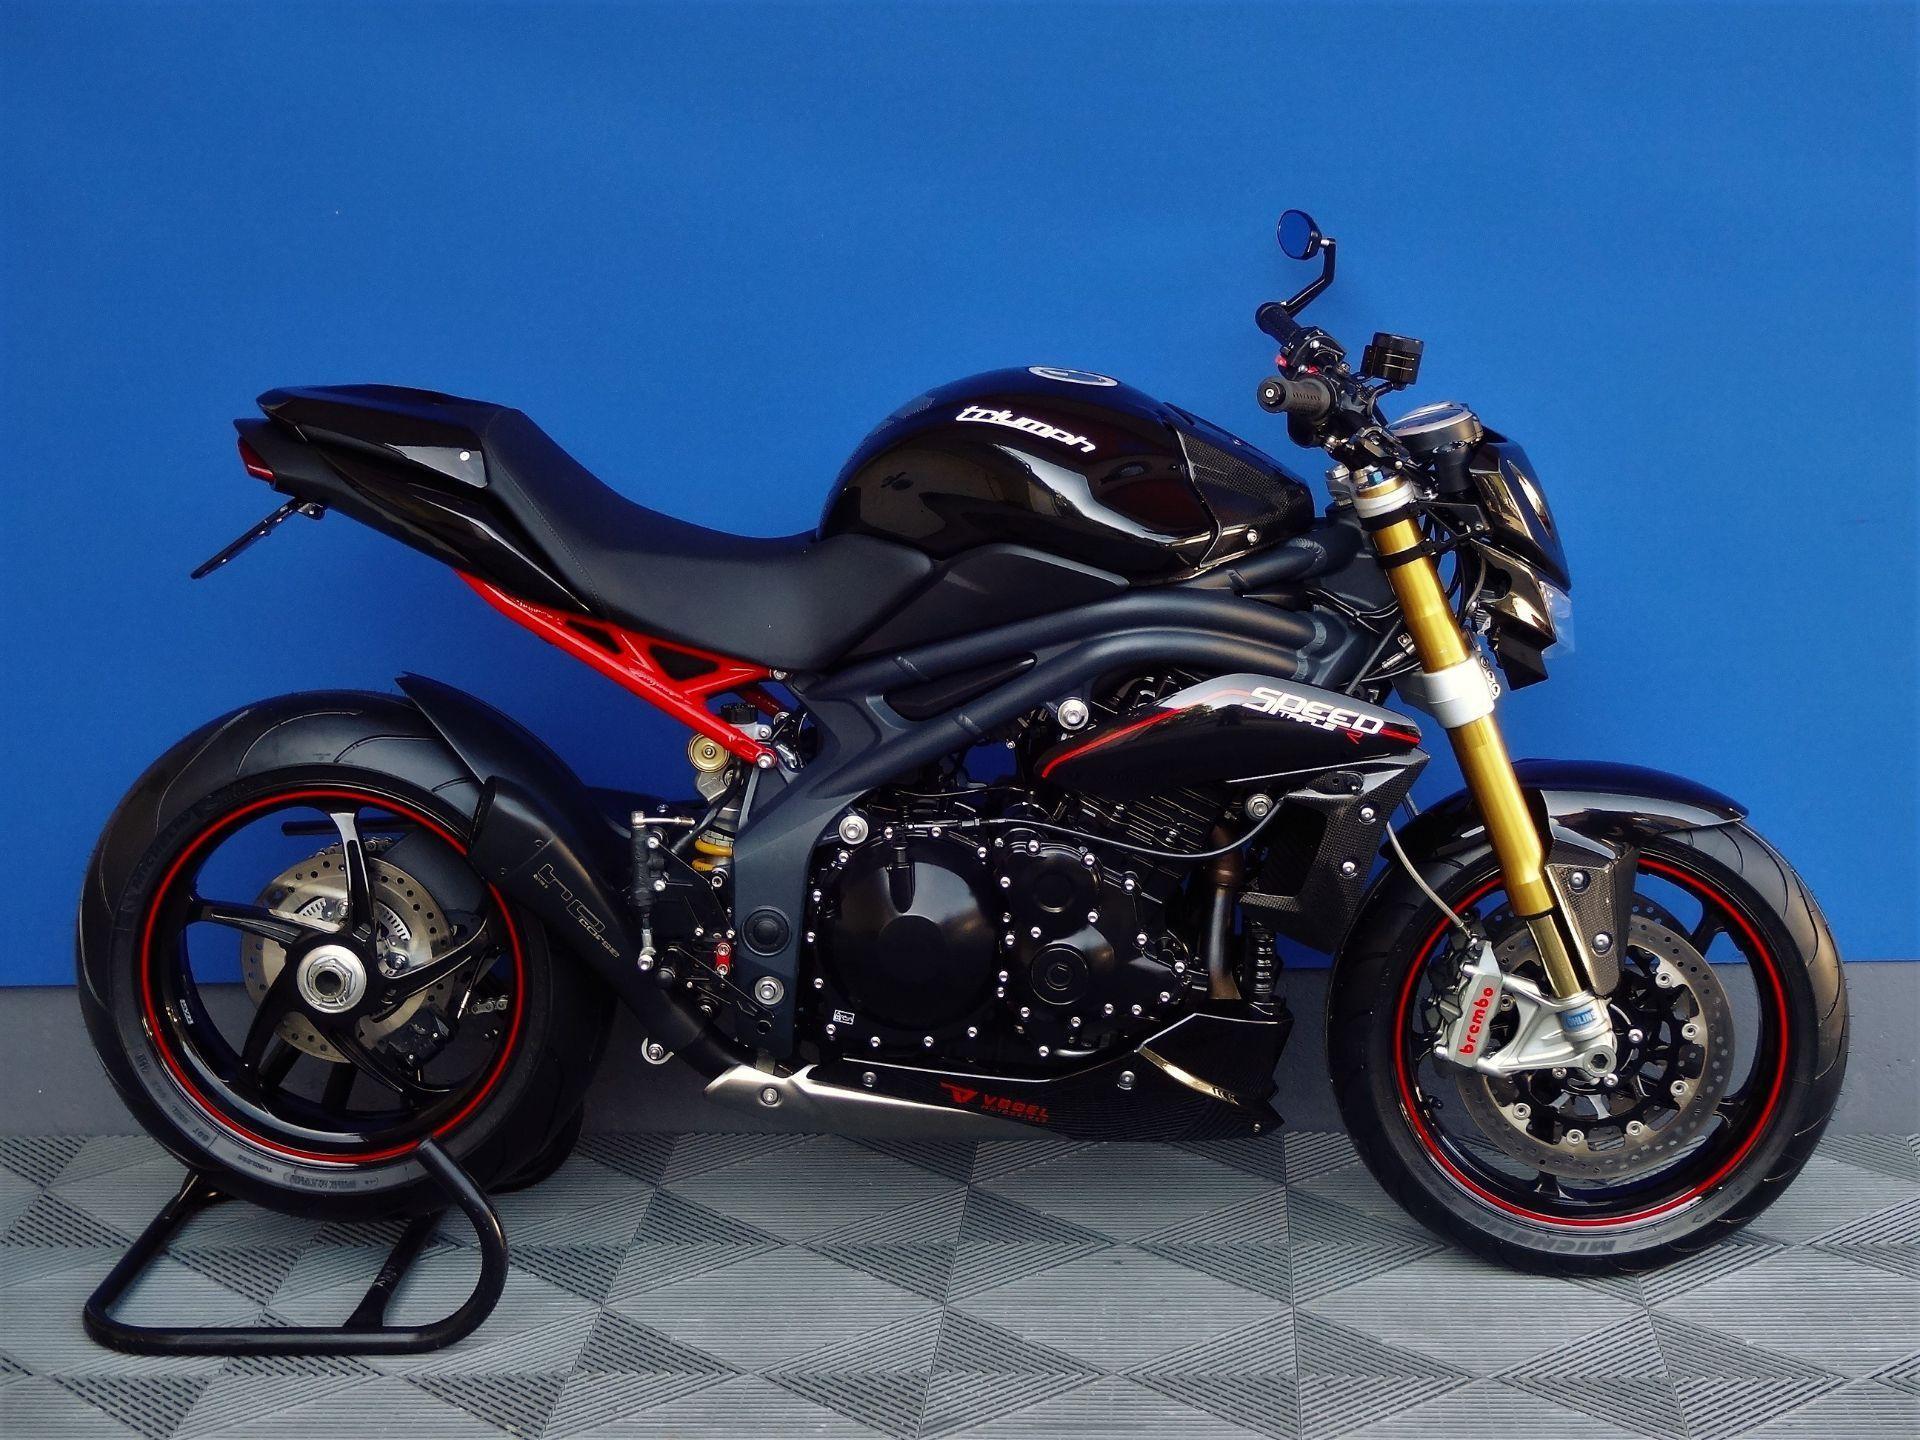 motorrad occasion kaufen triumph speed triple 1050 r quickshifter vogel motorbikes sch pfheim. Black Bedroom Furniture Sets. Home Design Ideas